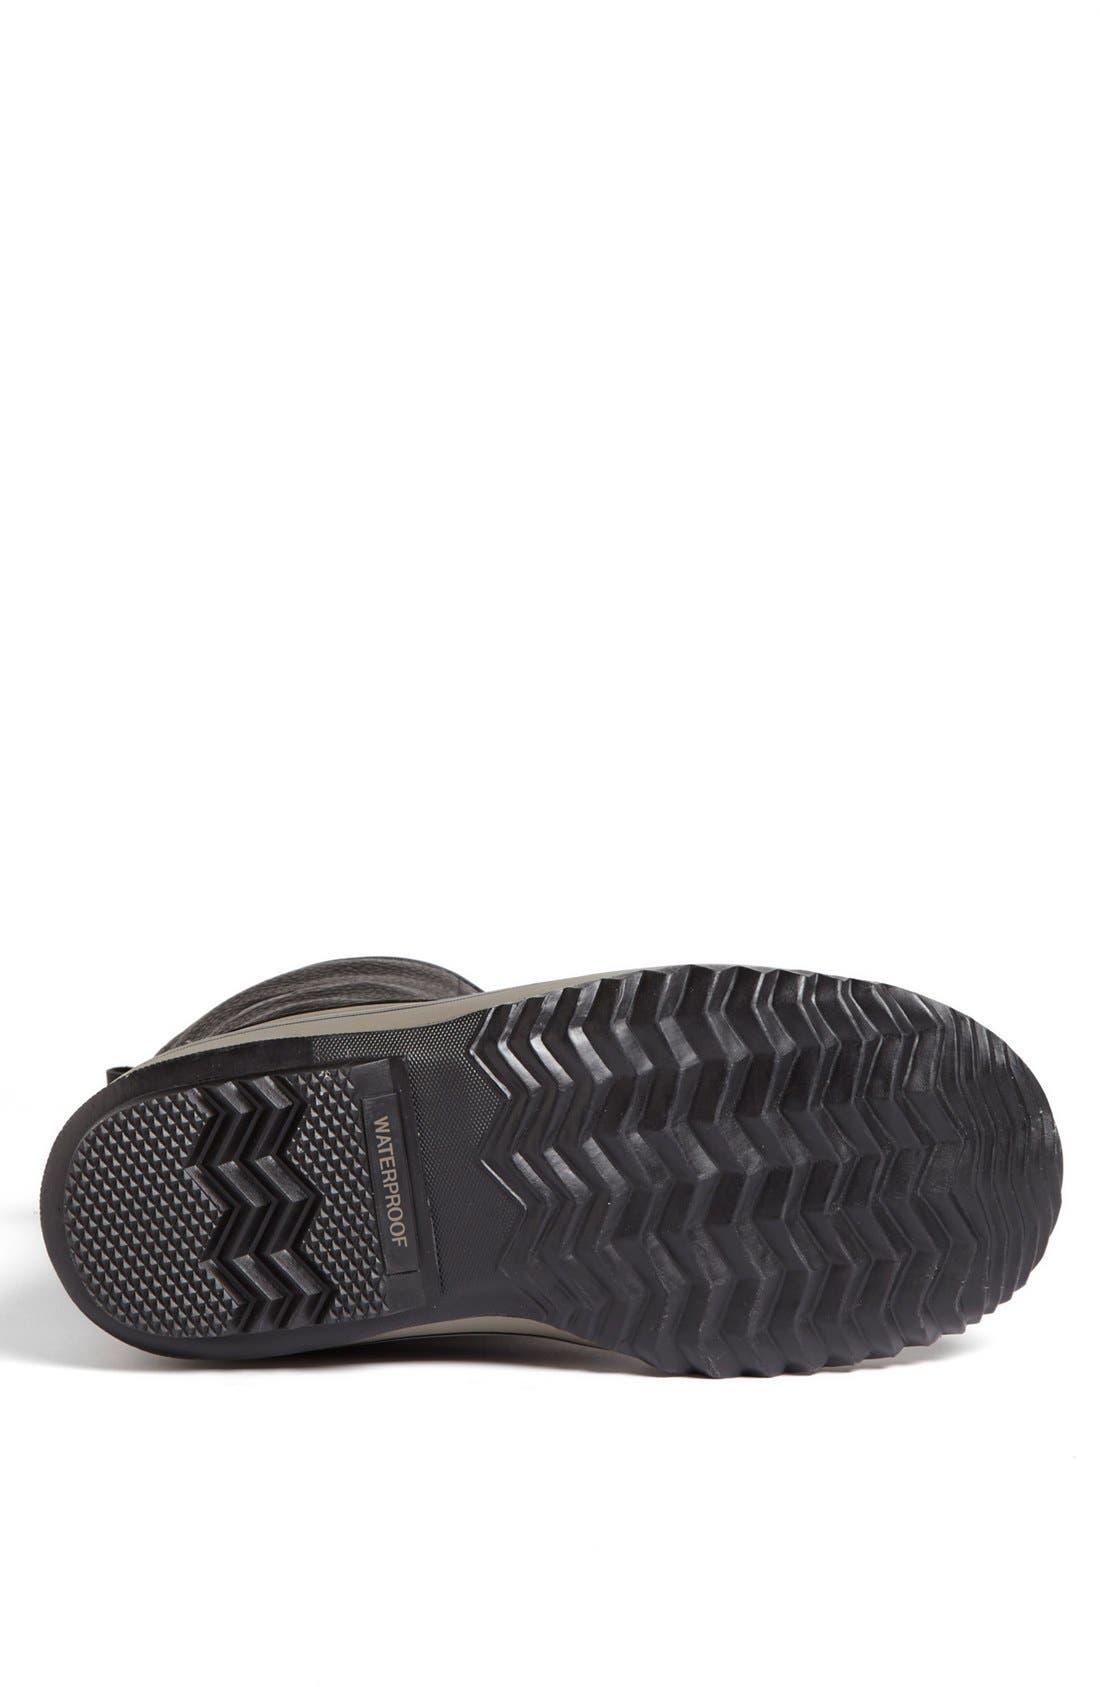 Alternate Image 4  - SOREL '1964 Premium T' Snow Boot